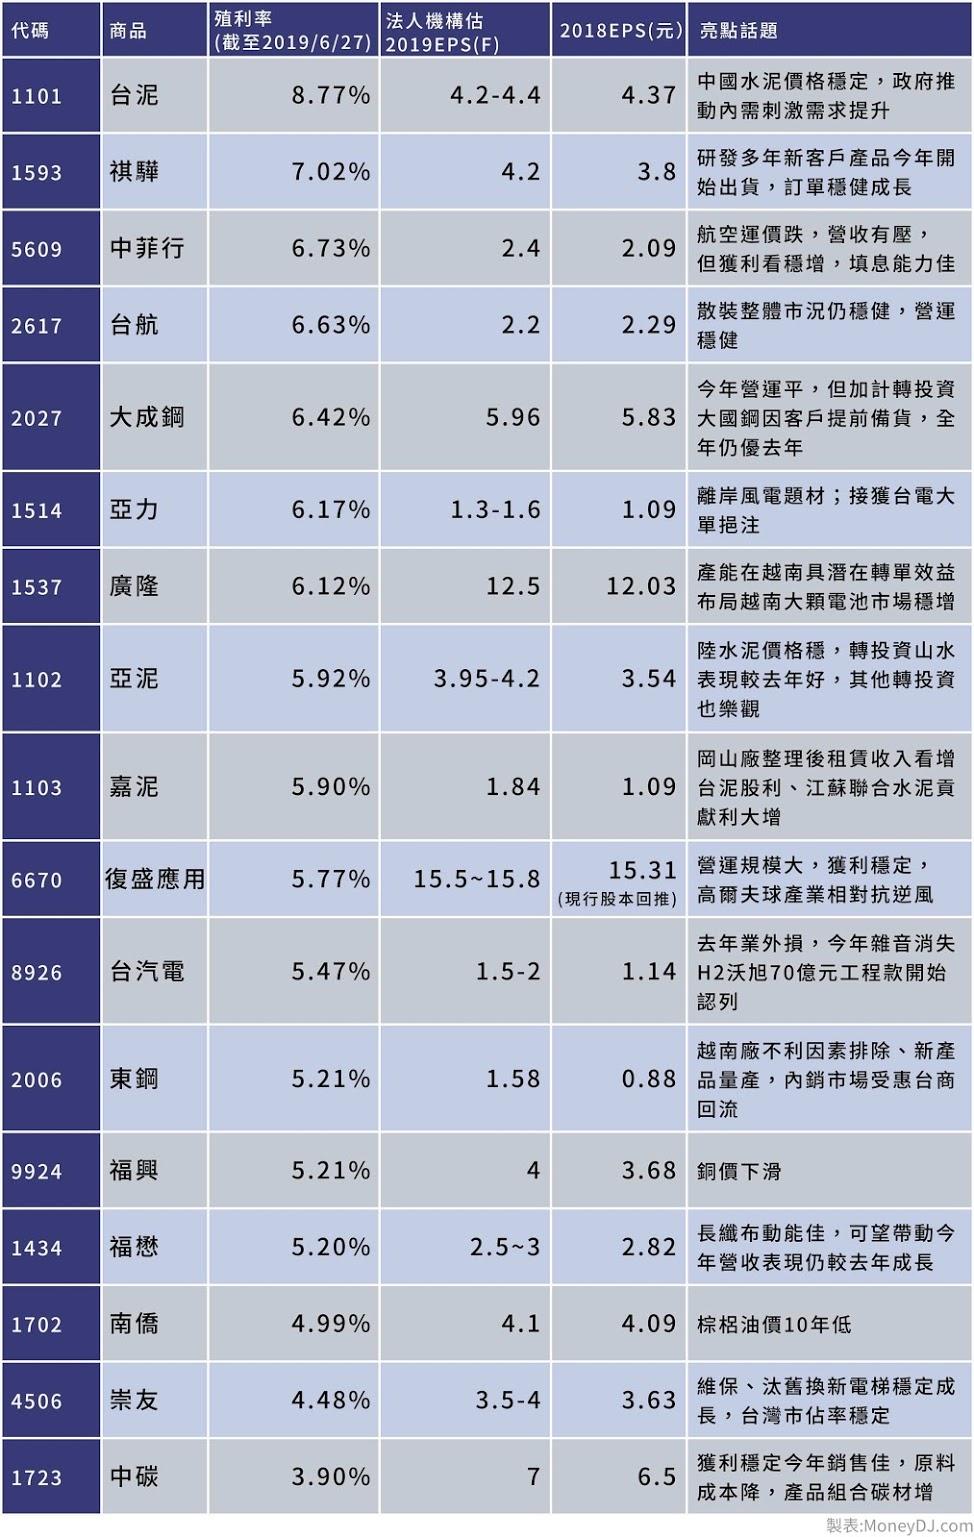 高殖利率,水泥,鋼鐵,金融,電子